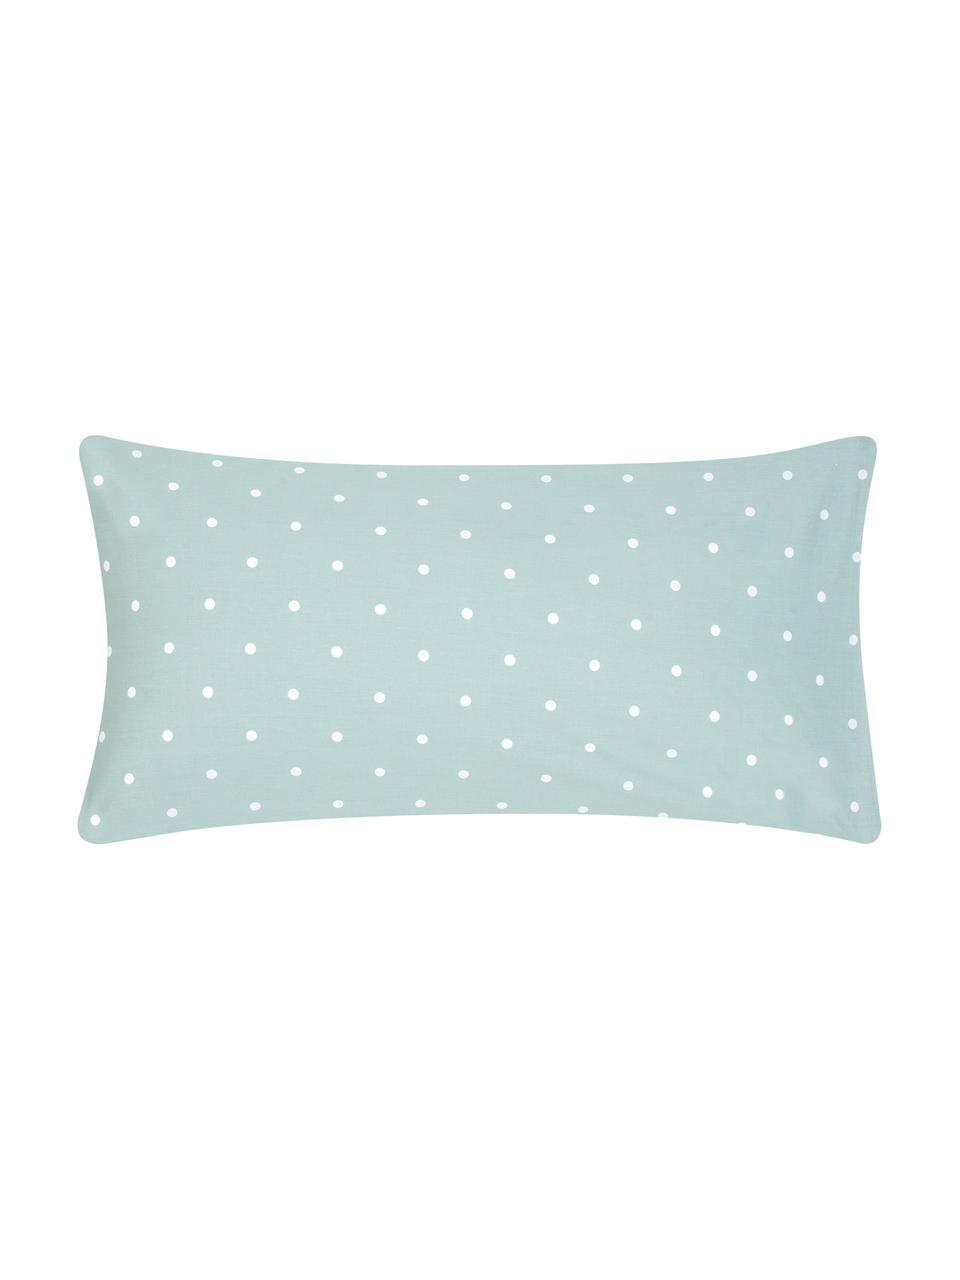 Poszewka na poduszkę z bawełny renforcé Dotty, 2 szt., Szałwiowy zielony, biały, S 40 x D 80 cm